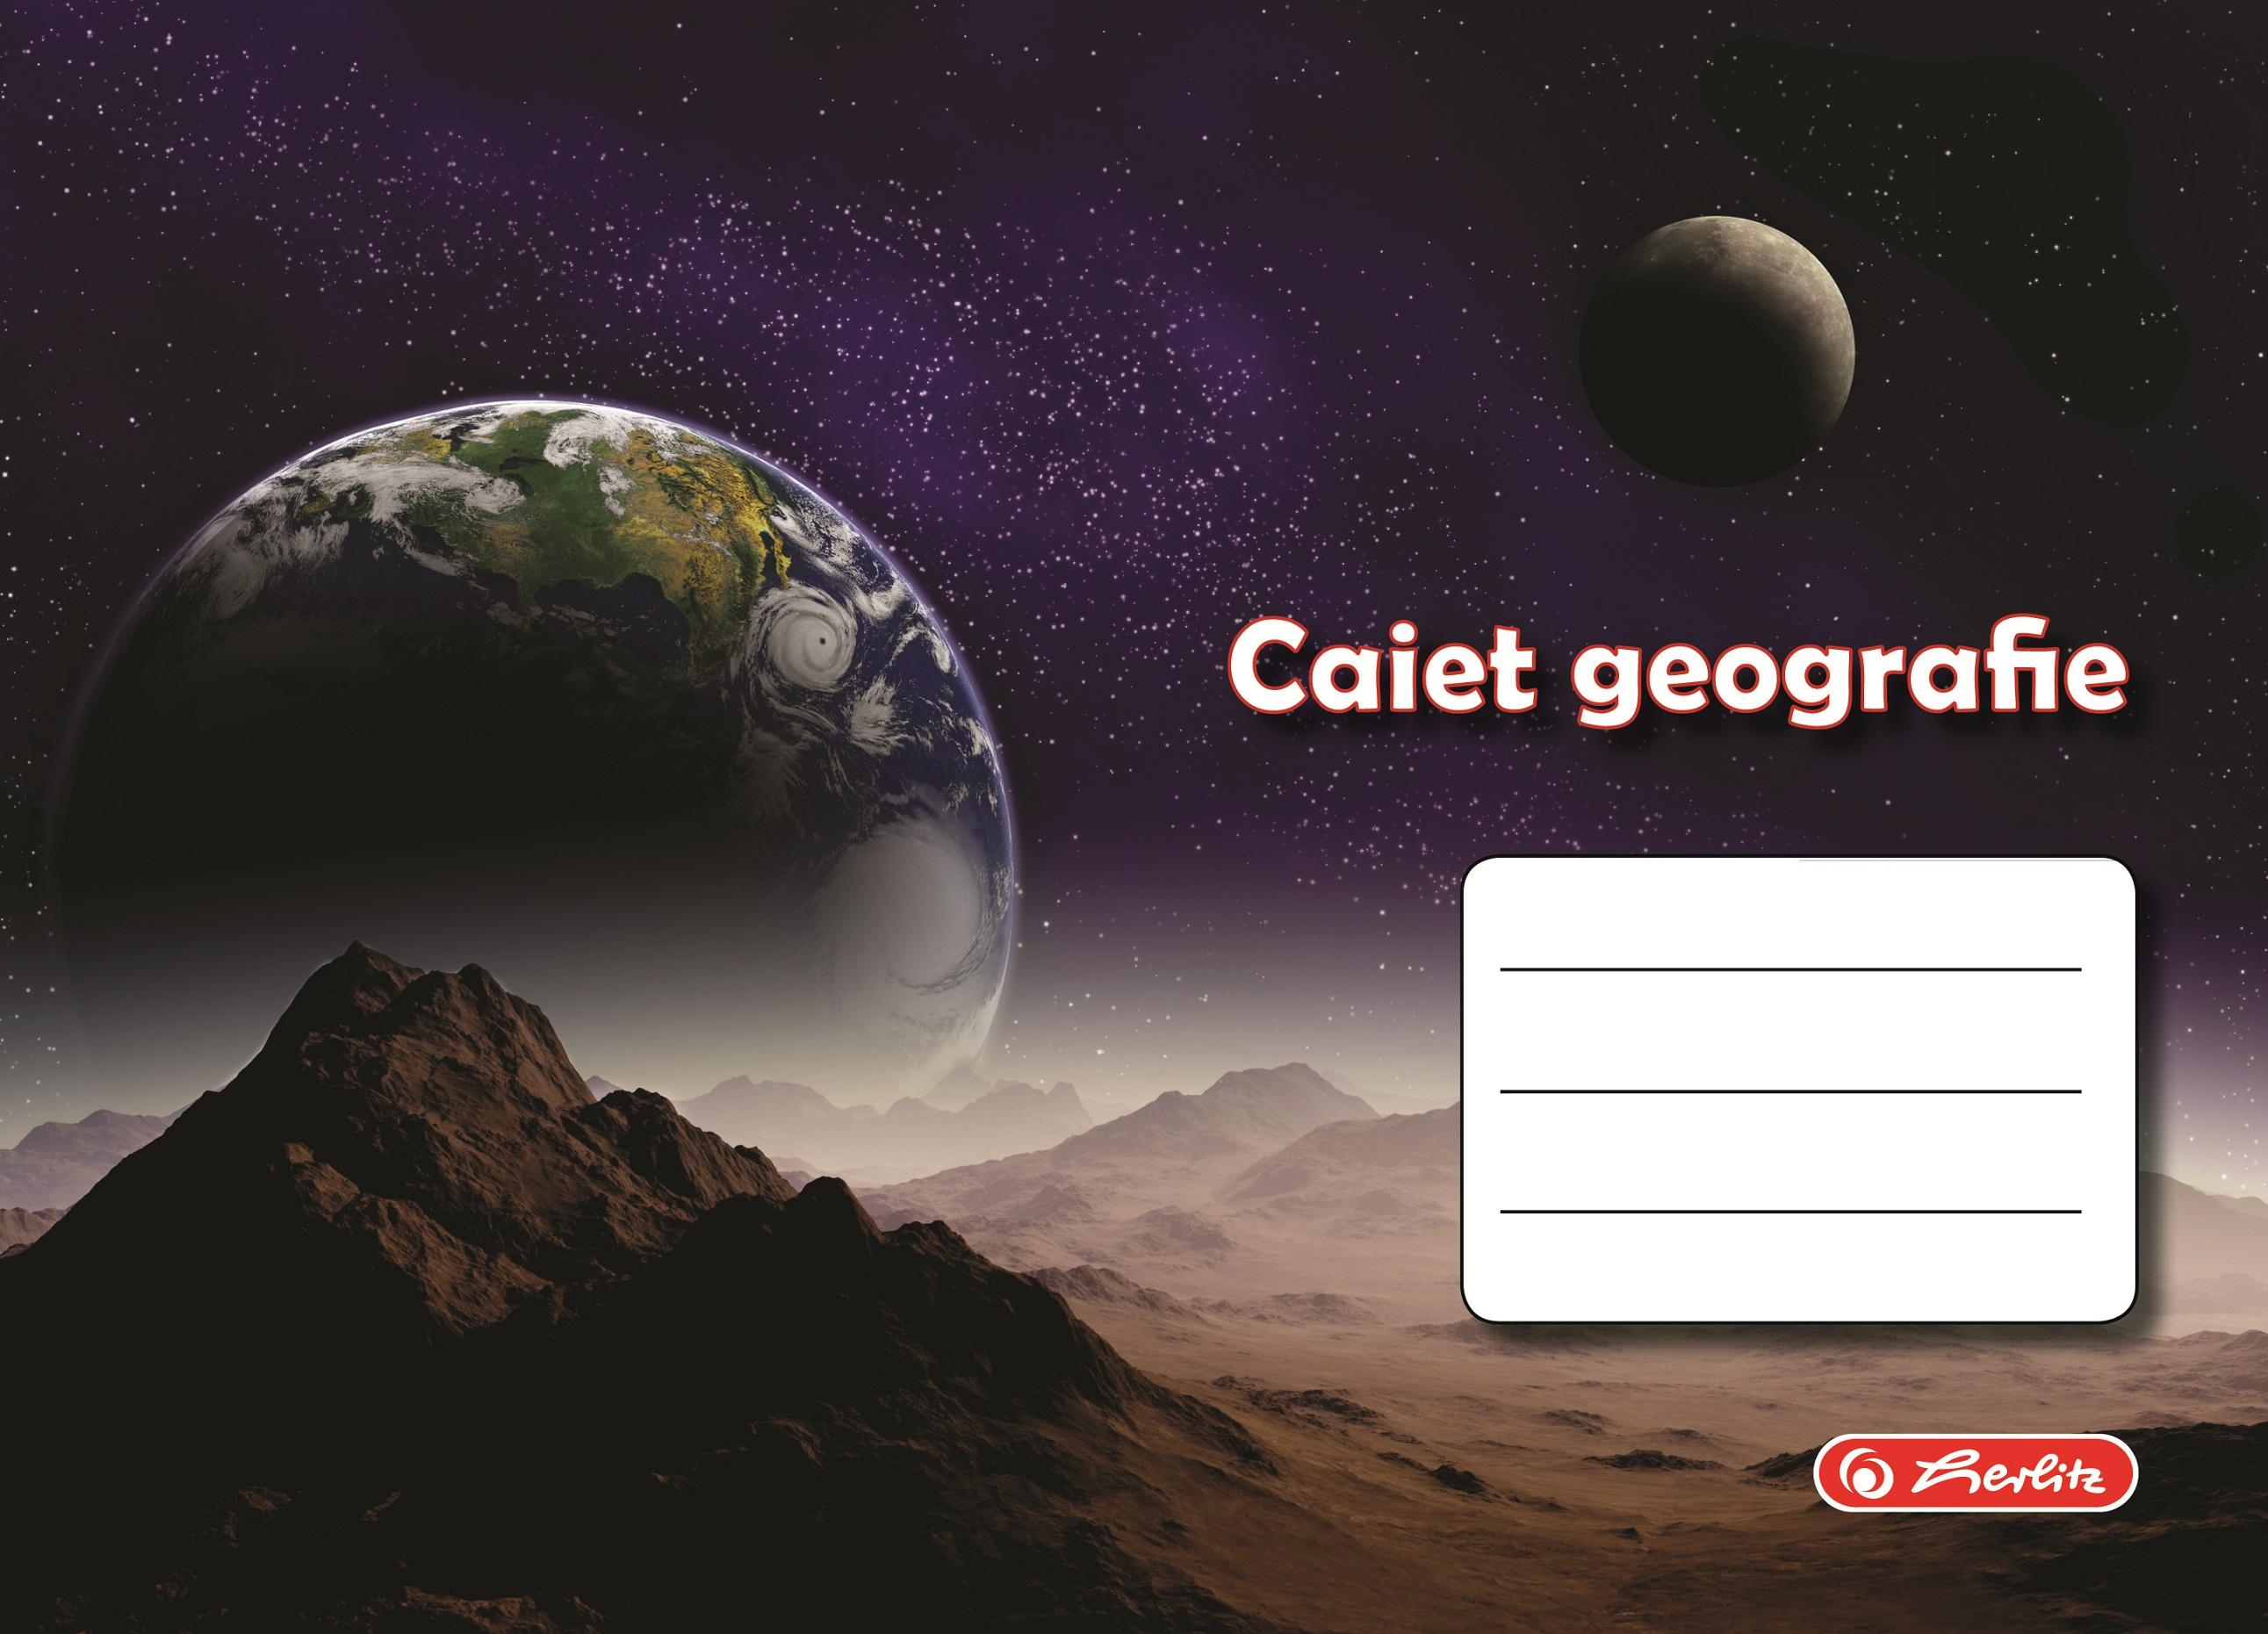 Caiet pentru geografie 17 x 24cm 24 file HERLITZ ROCK YOUR SCHOOL